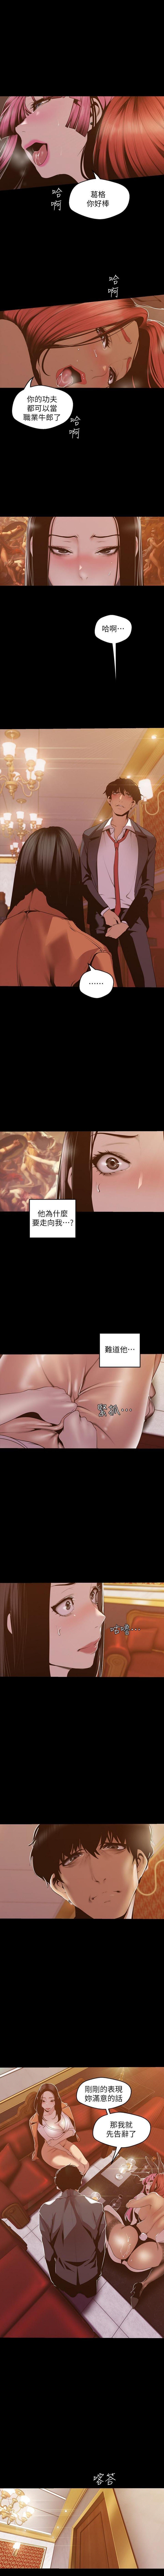 美麗新世界 1-85 官方中文(連載中) 599